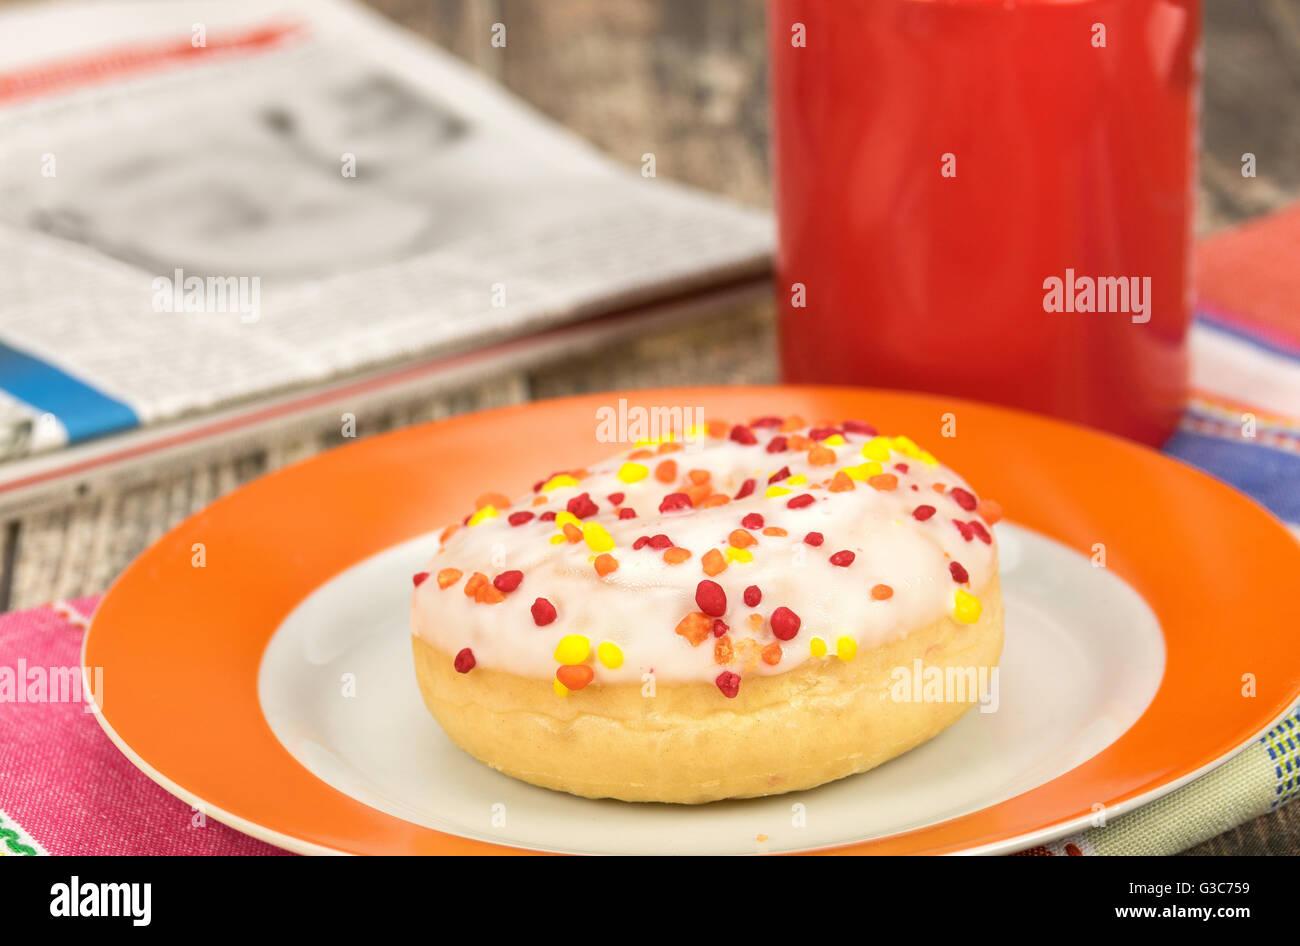 Donut mate dulce aperitivo con una bebida caliente Imagen De Stock